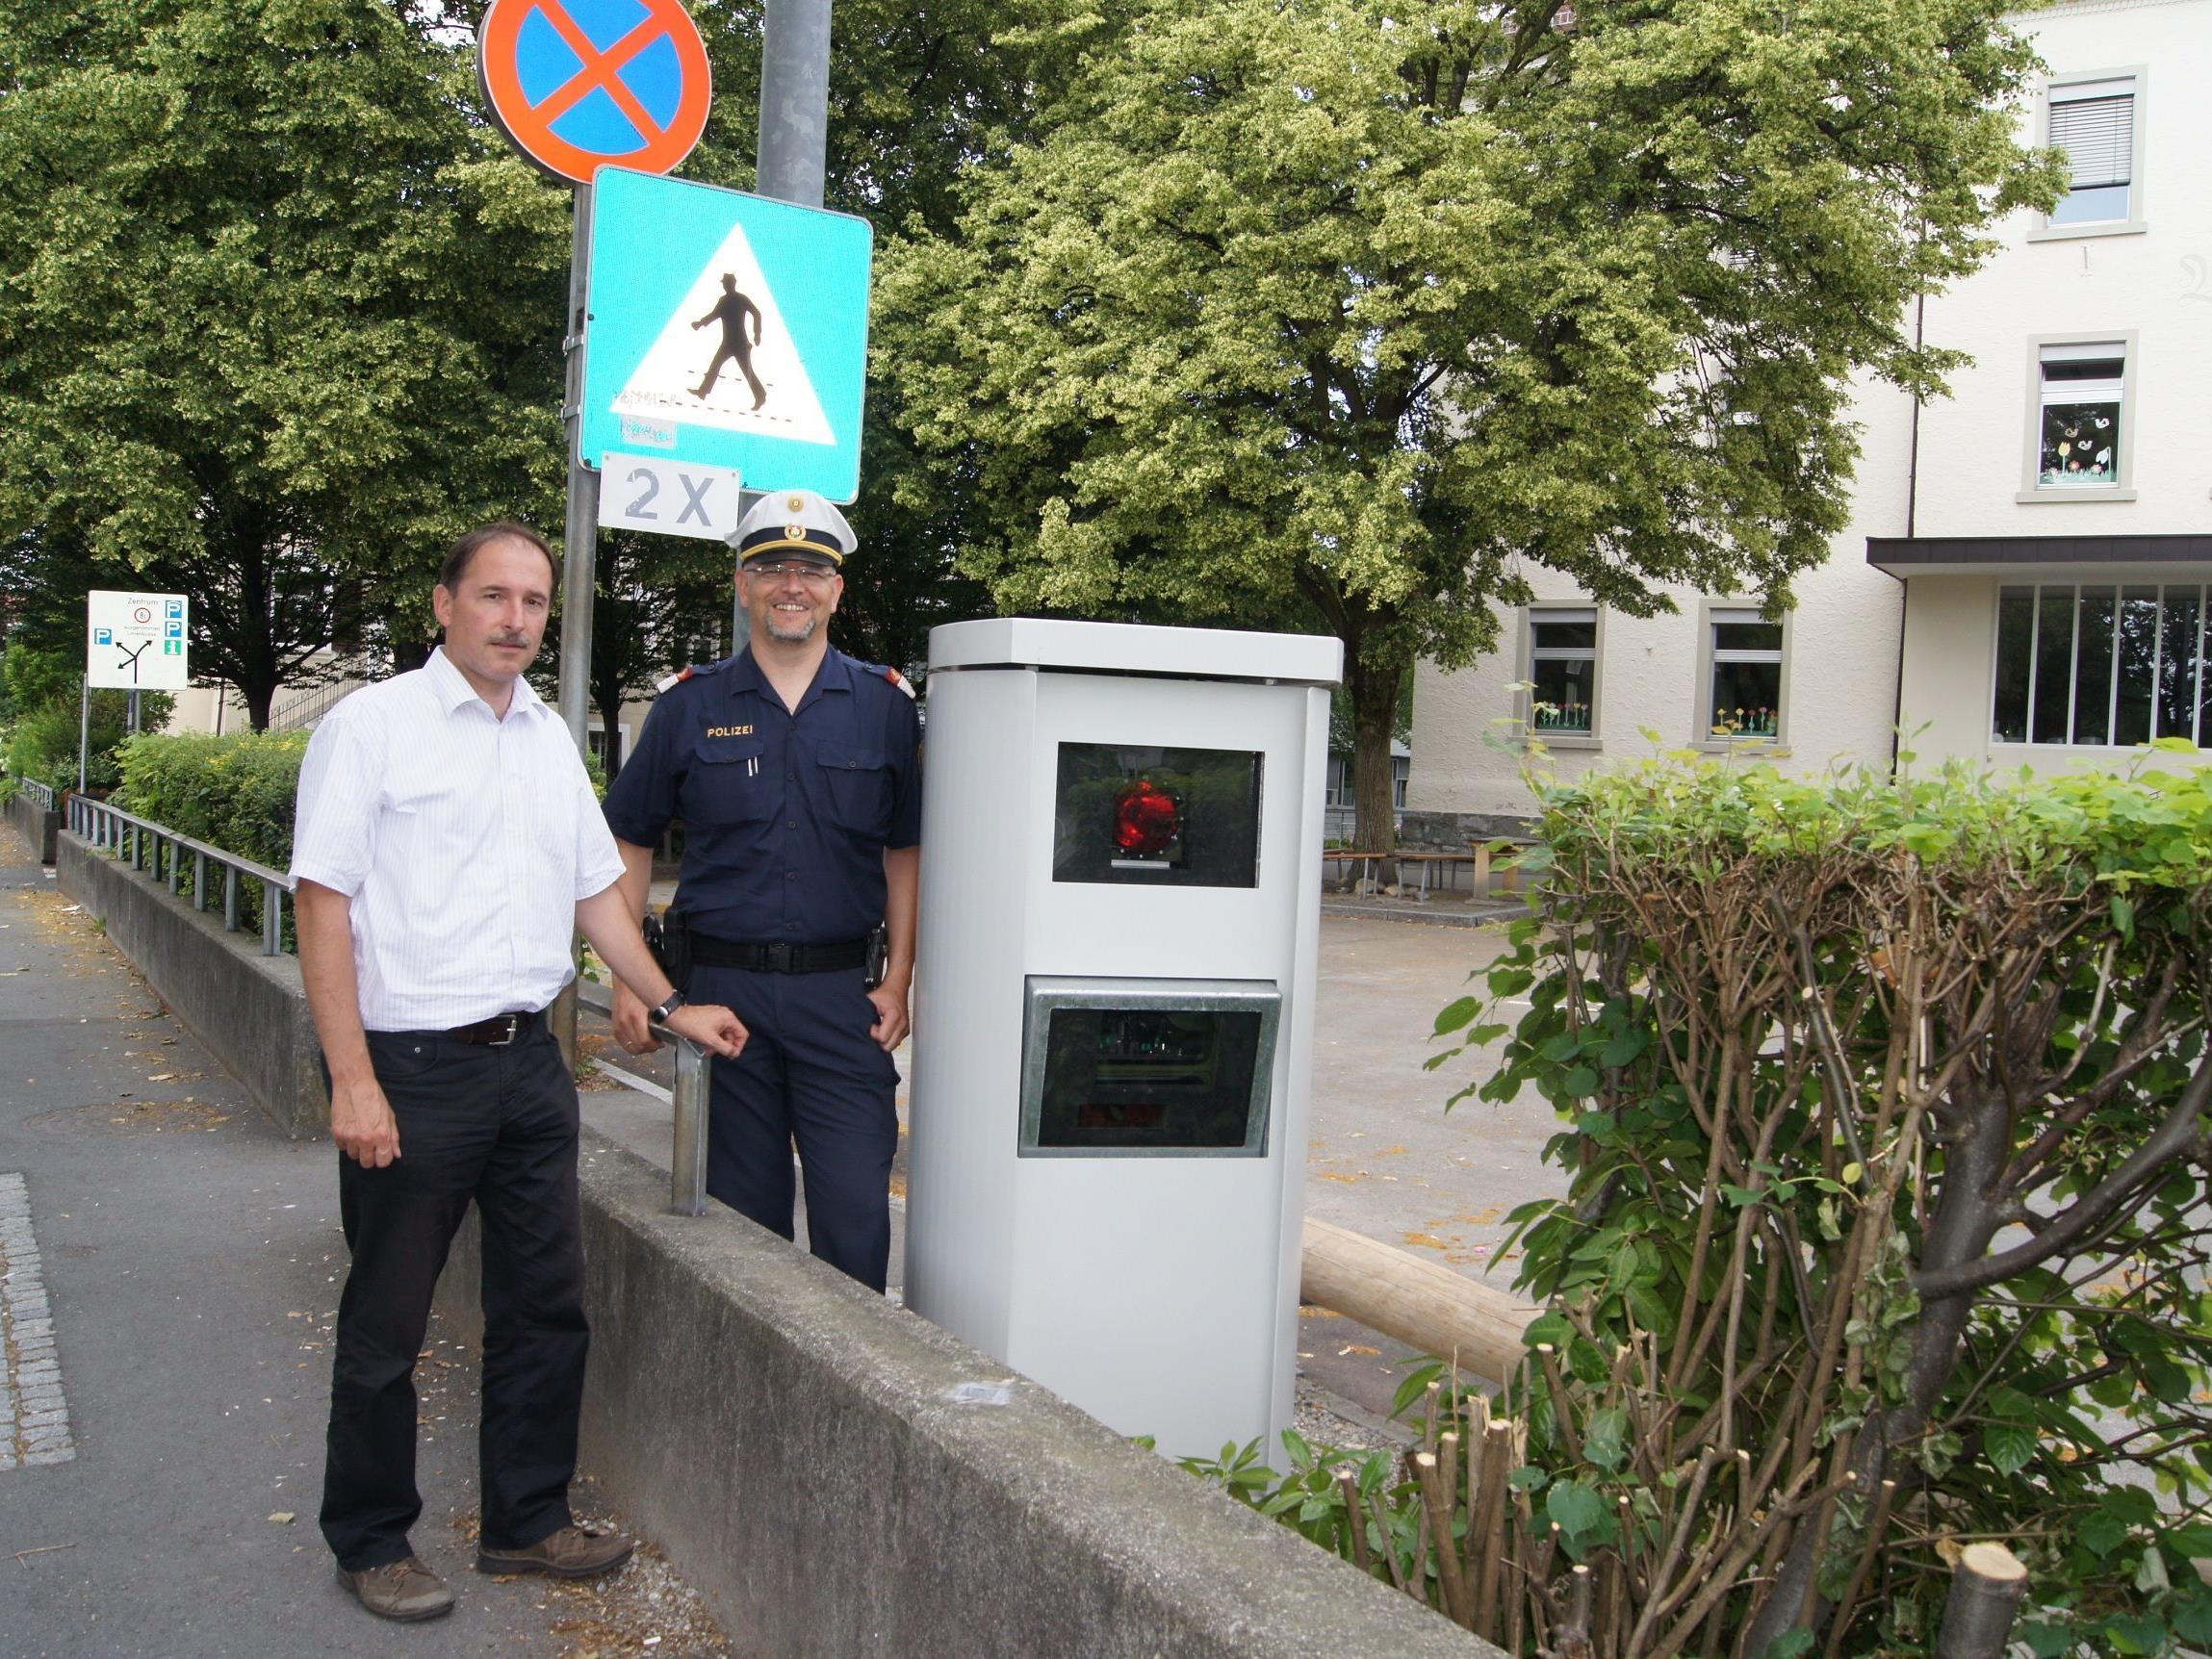 Durch Geschwindigkeitsüberwachung im gesamten Ortsgebiet soll die Verkehrssicherheit erhöht werden.